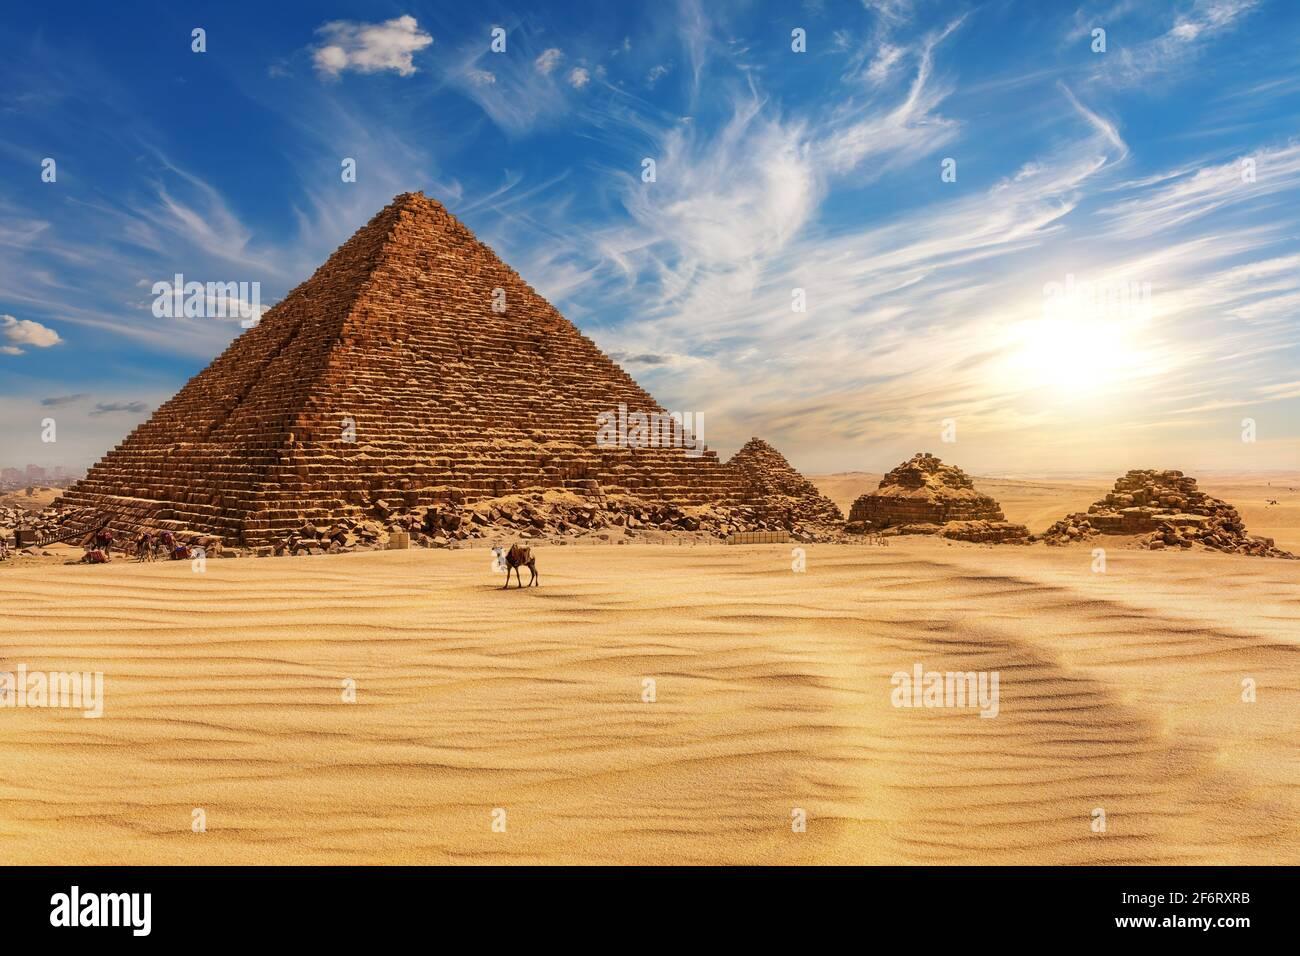 La Pirámide de Menkaure al atardecer en Egipto y un camello cercano, Giza. Foto de stock